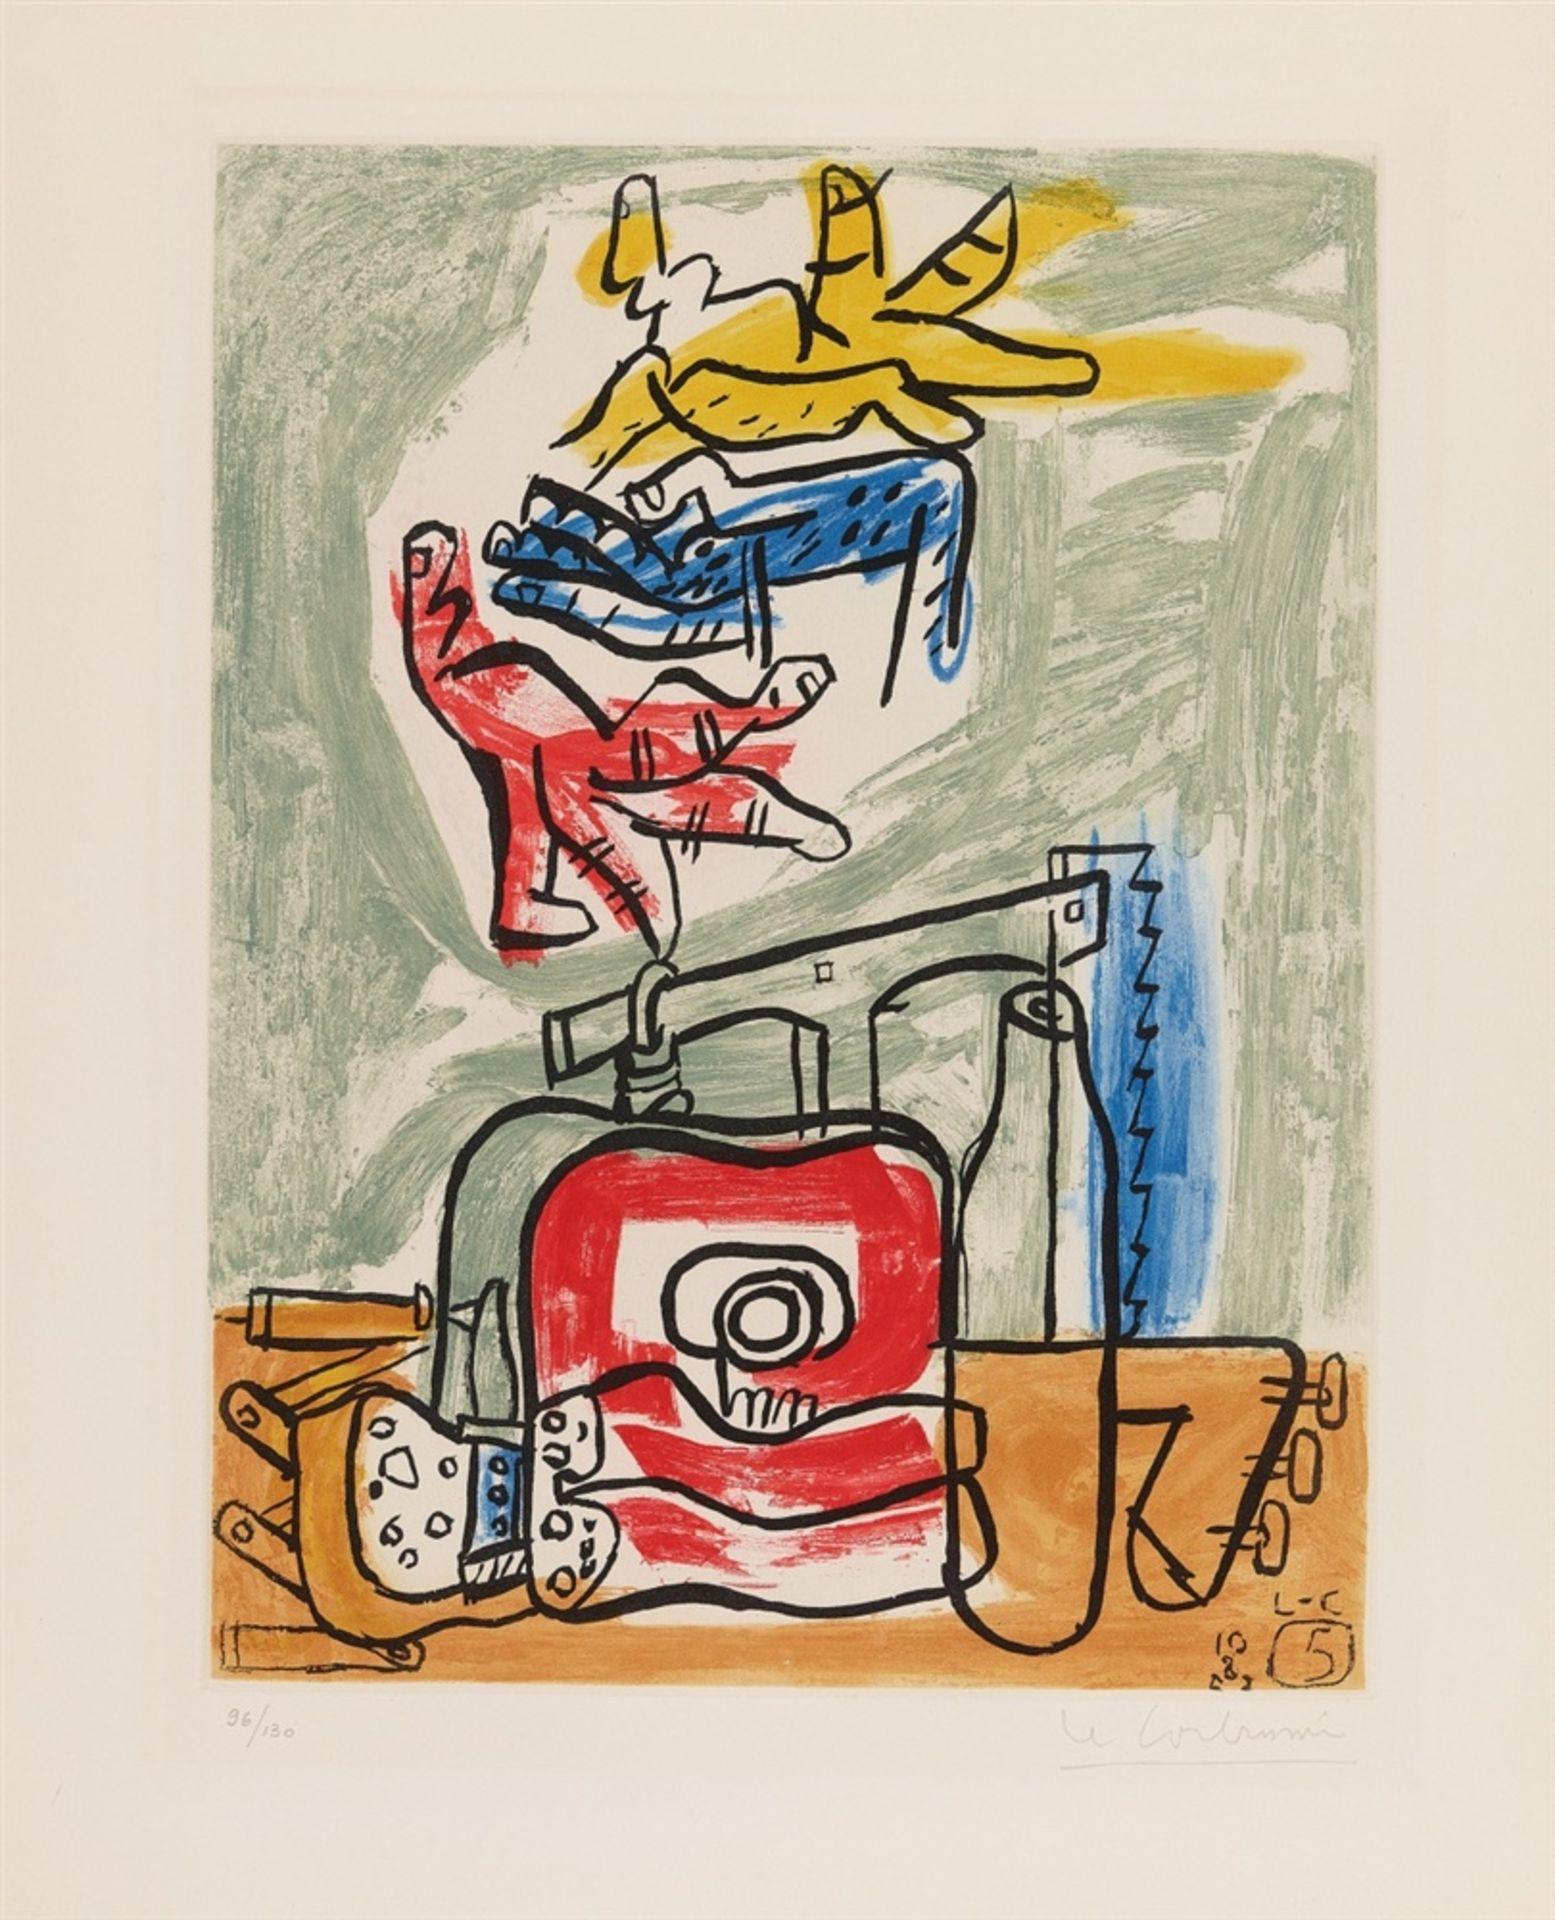 Le Corbusier (Charles-Édouard Jeanneret)Unité - Bild 27 aus 27